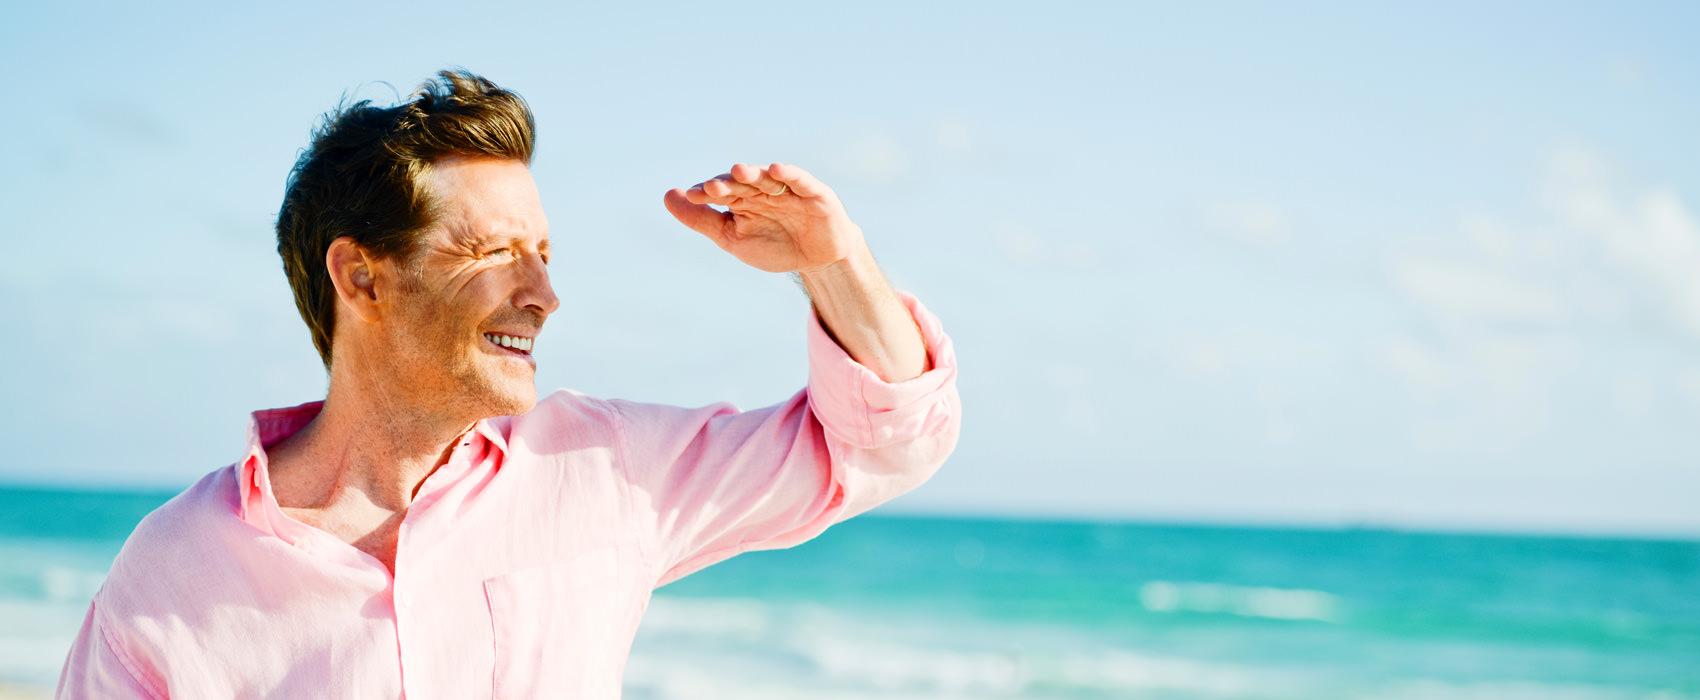 Mann mittleren Alters am Meer, hält seine Hand hoch, um sich vor der Sonne zu schützen.